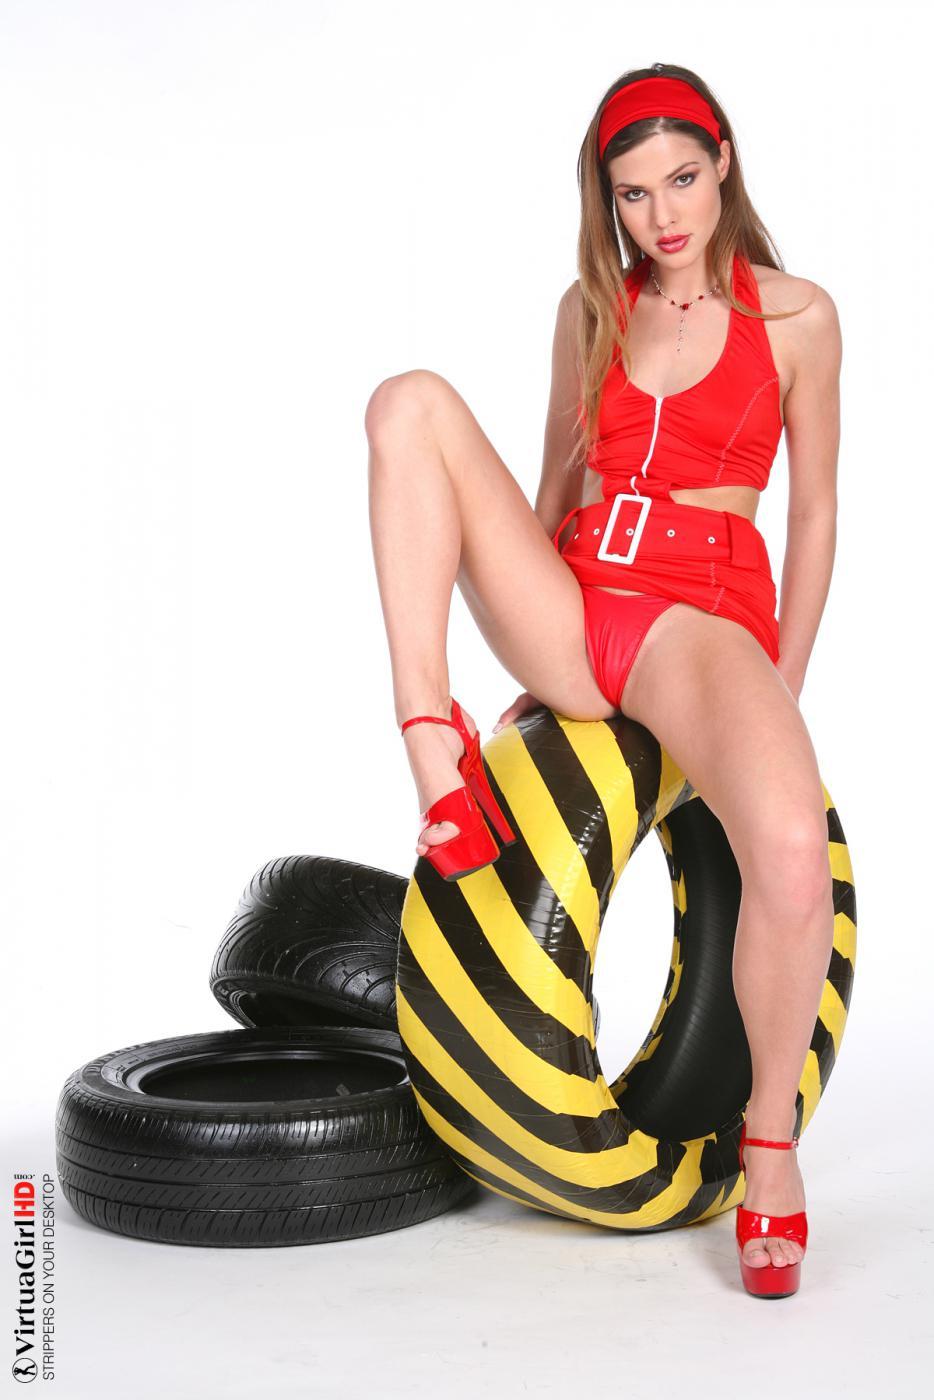 Красотка с длинными ногами Olivia La Roche разводит их и красуется в этой софткорной галерее